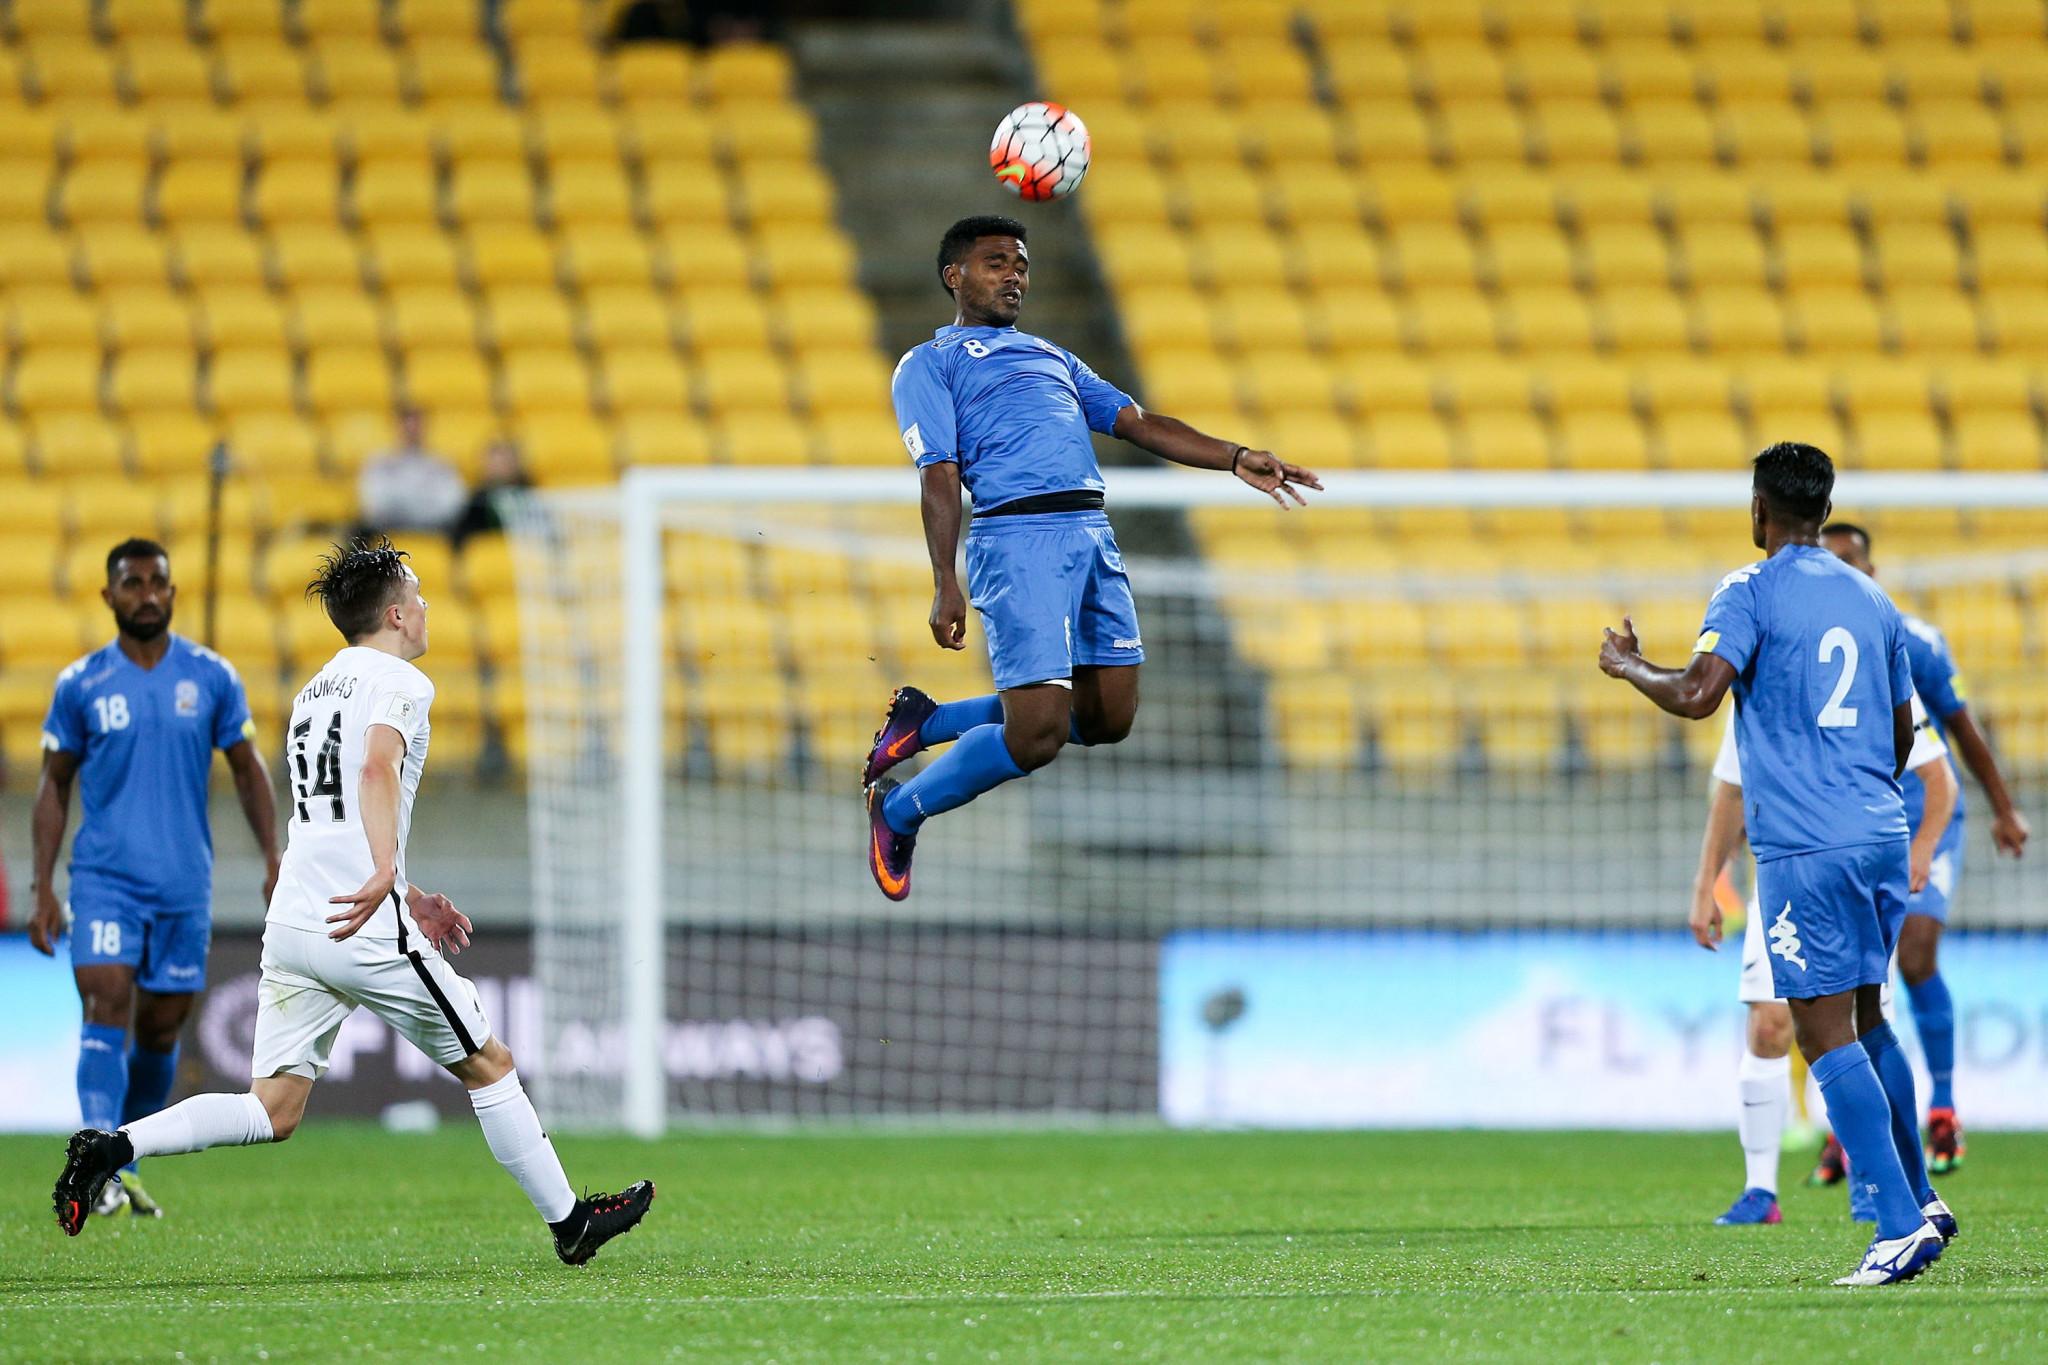 Les Fidji devraient figurer parmi les principaux adversaires de la Nouvelle-Zélande lors du match de qualification pour l'OFC © Getty Images